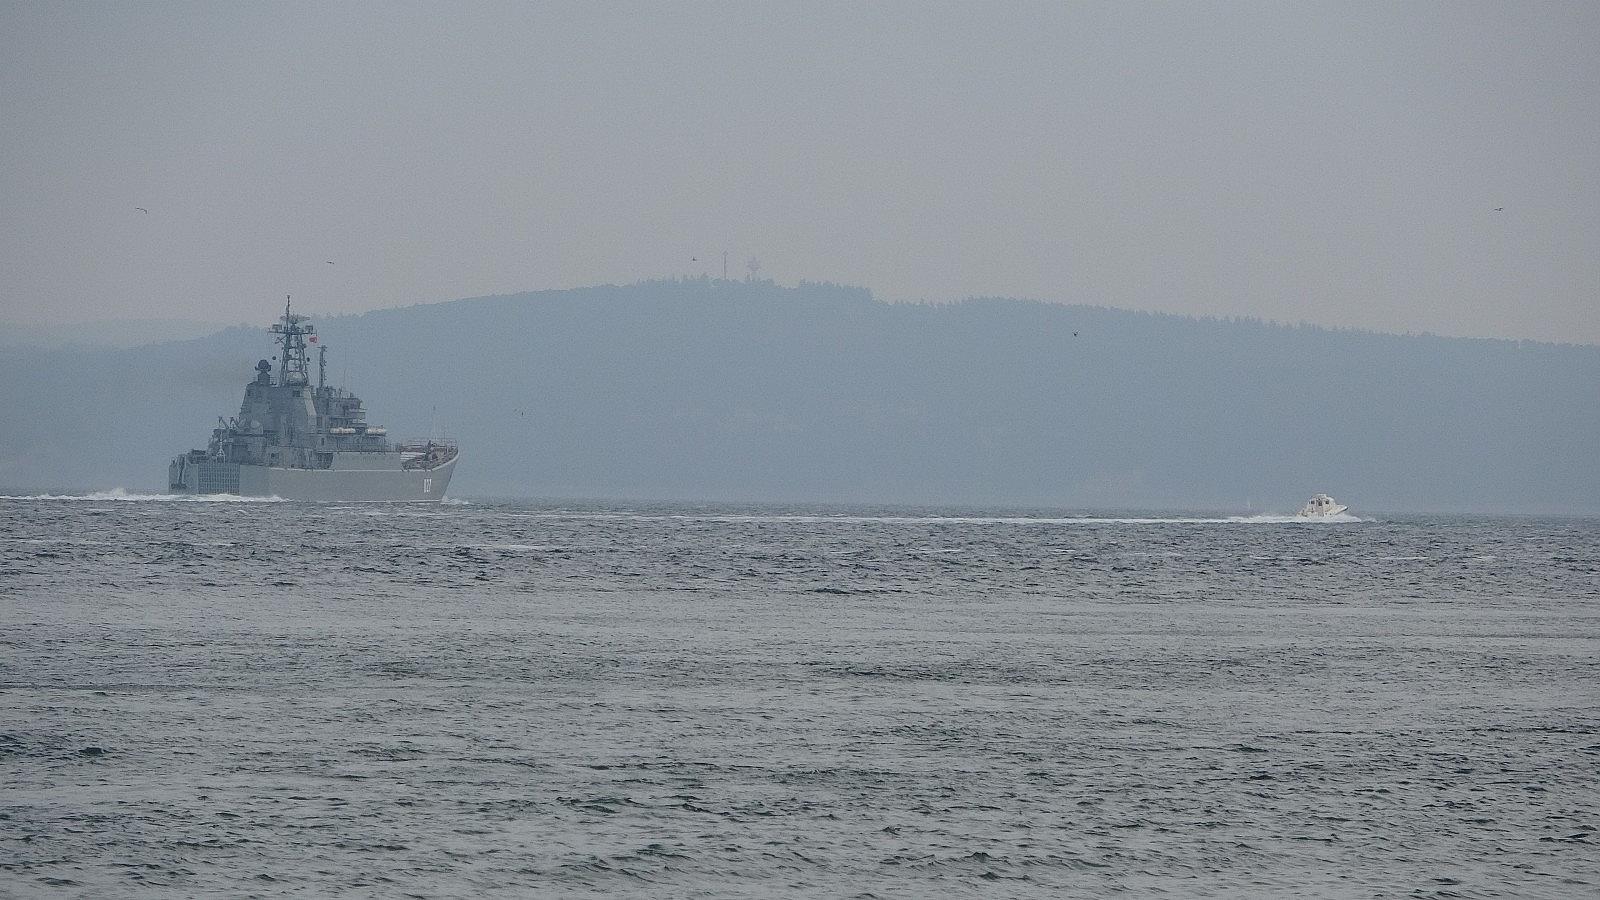 2021/04/rusya-gemilerini-karadenize-cekiyor-iki-savas-gemisi-canakkaleden-gecti-20210416AW29-6.jpg